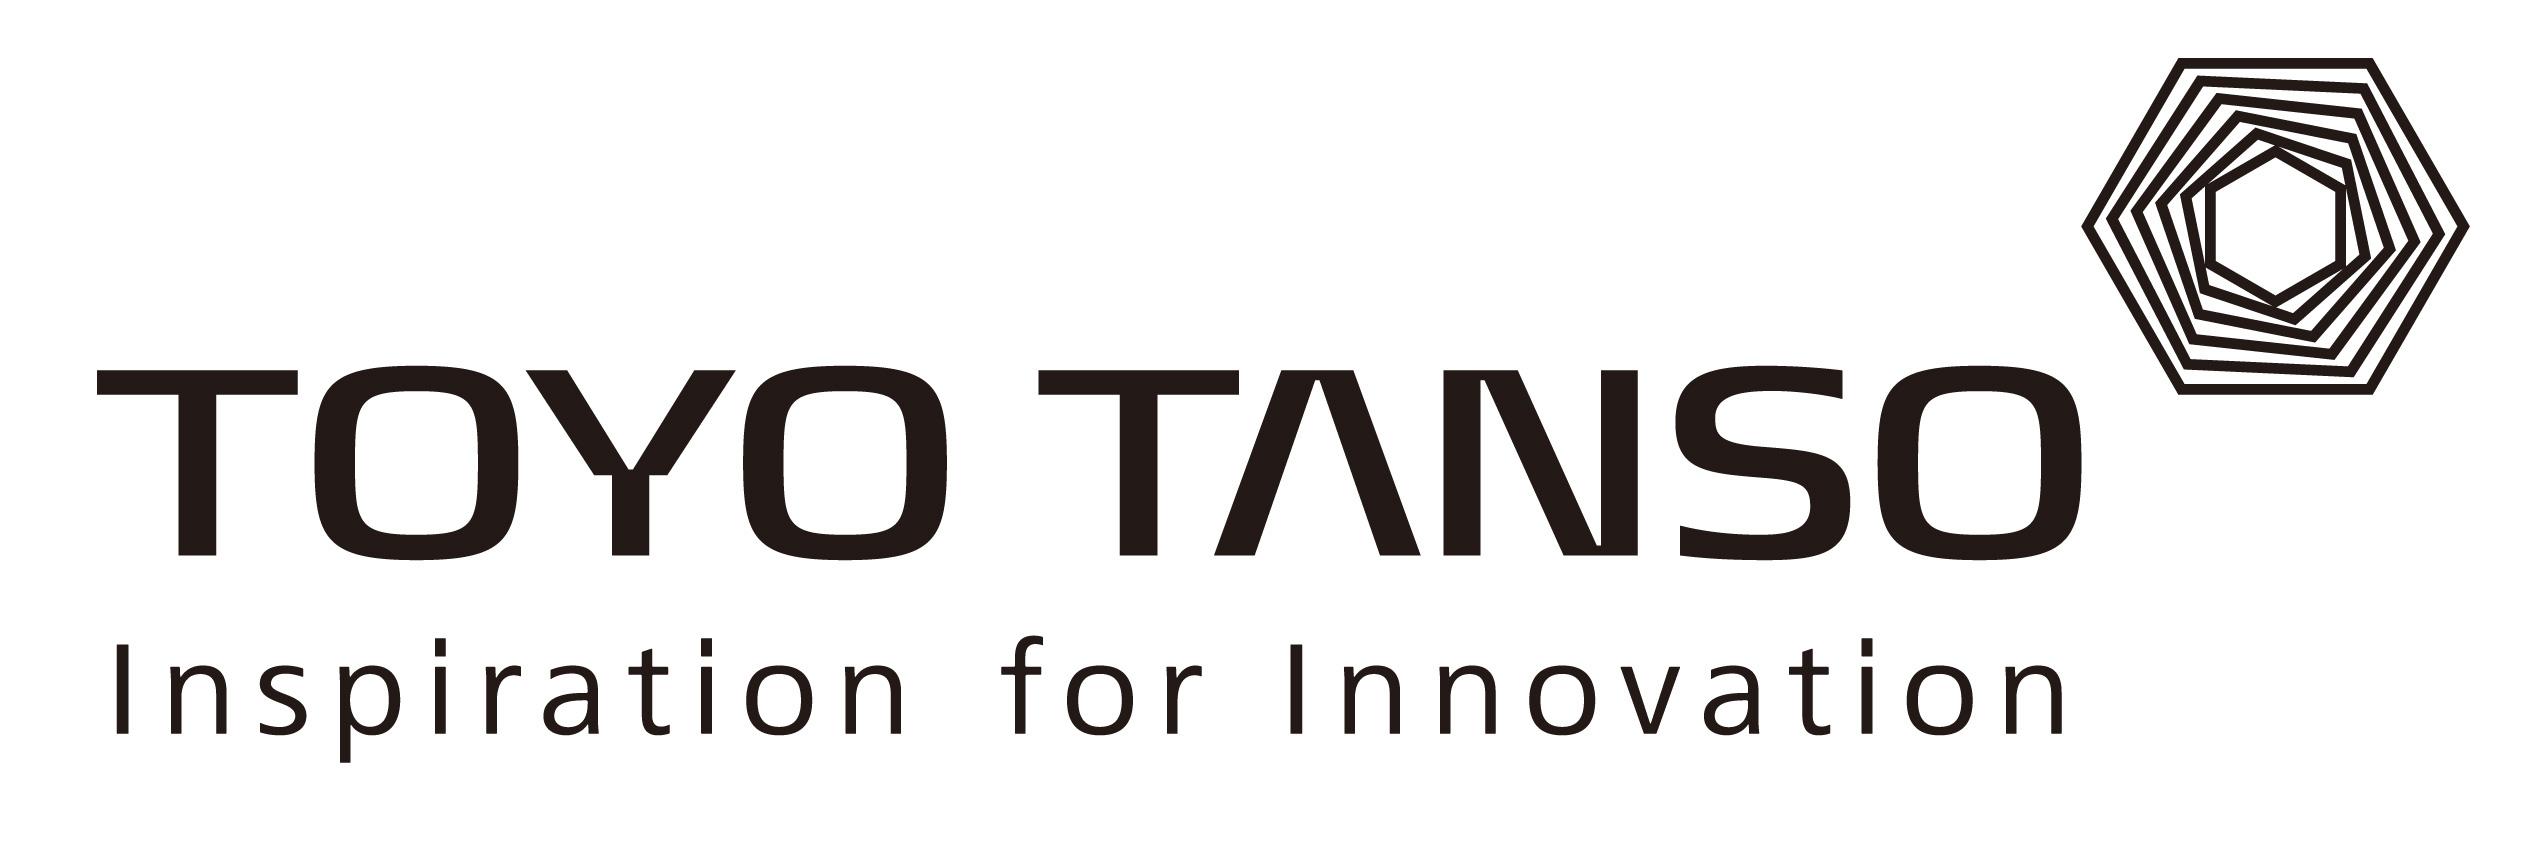 Toyo Tanso